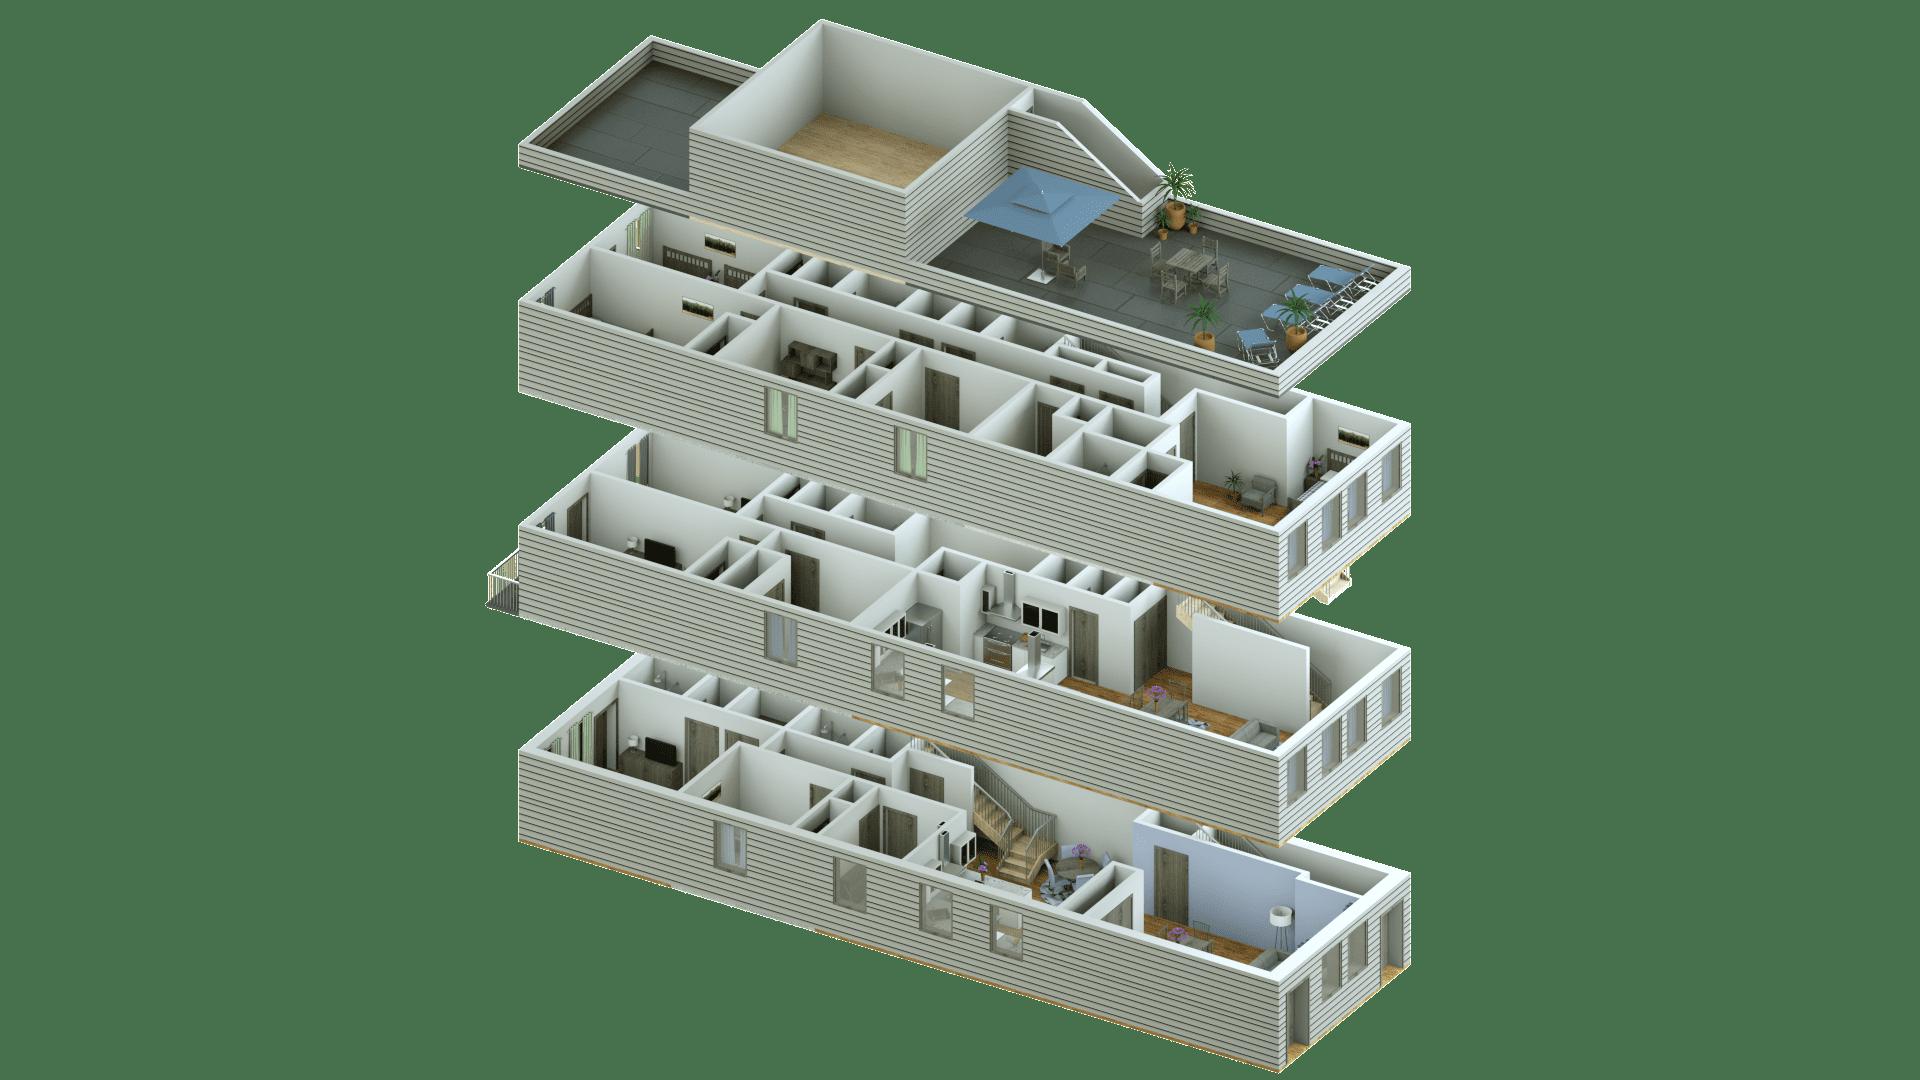 3D Renderings of a parallel stacked floorplan